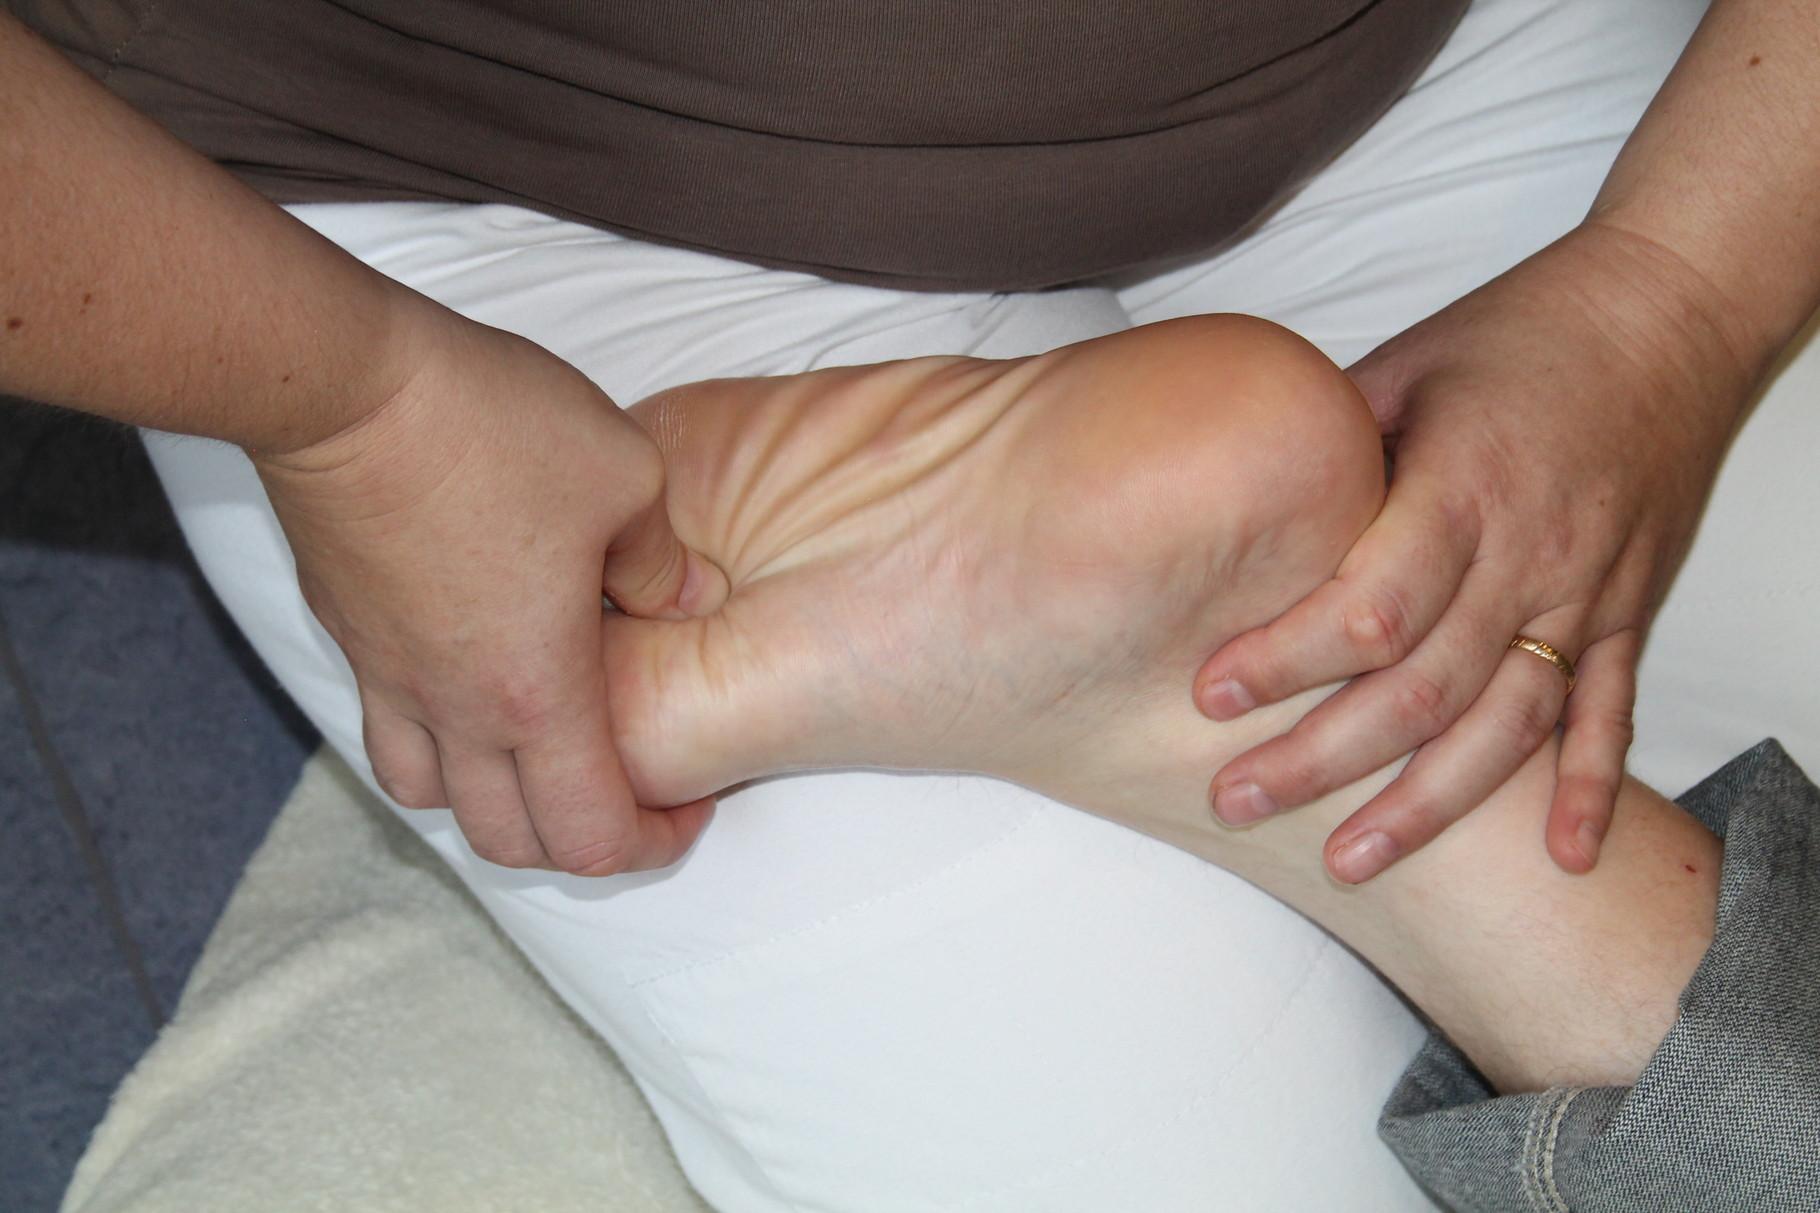 Punkt Niere 1.  Hilft bei Mandelentzündung, verdorbener Magen, Bauchschmerzen, Beschwerden beim Harnlassen, Rachenentzündung, Nierenentzündung ...